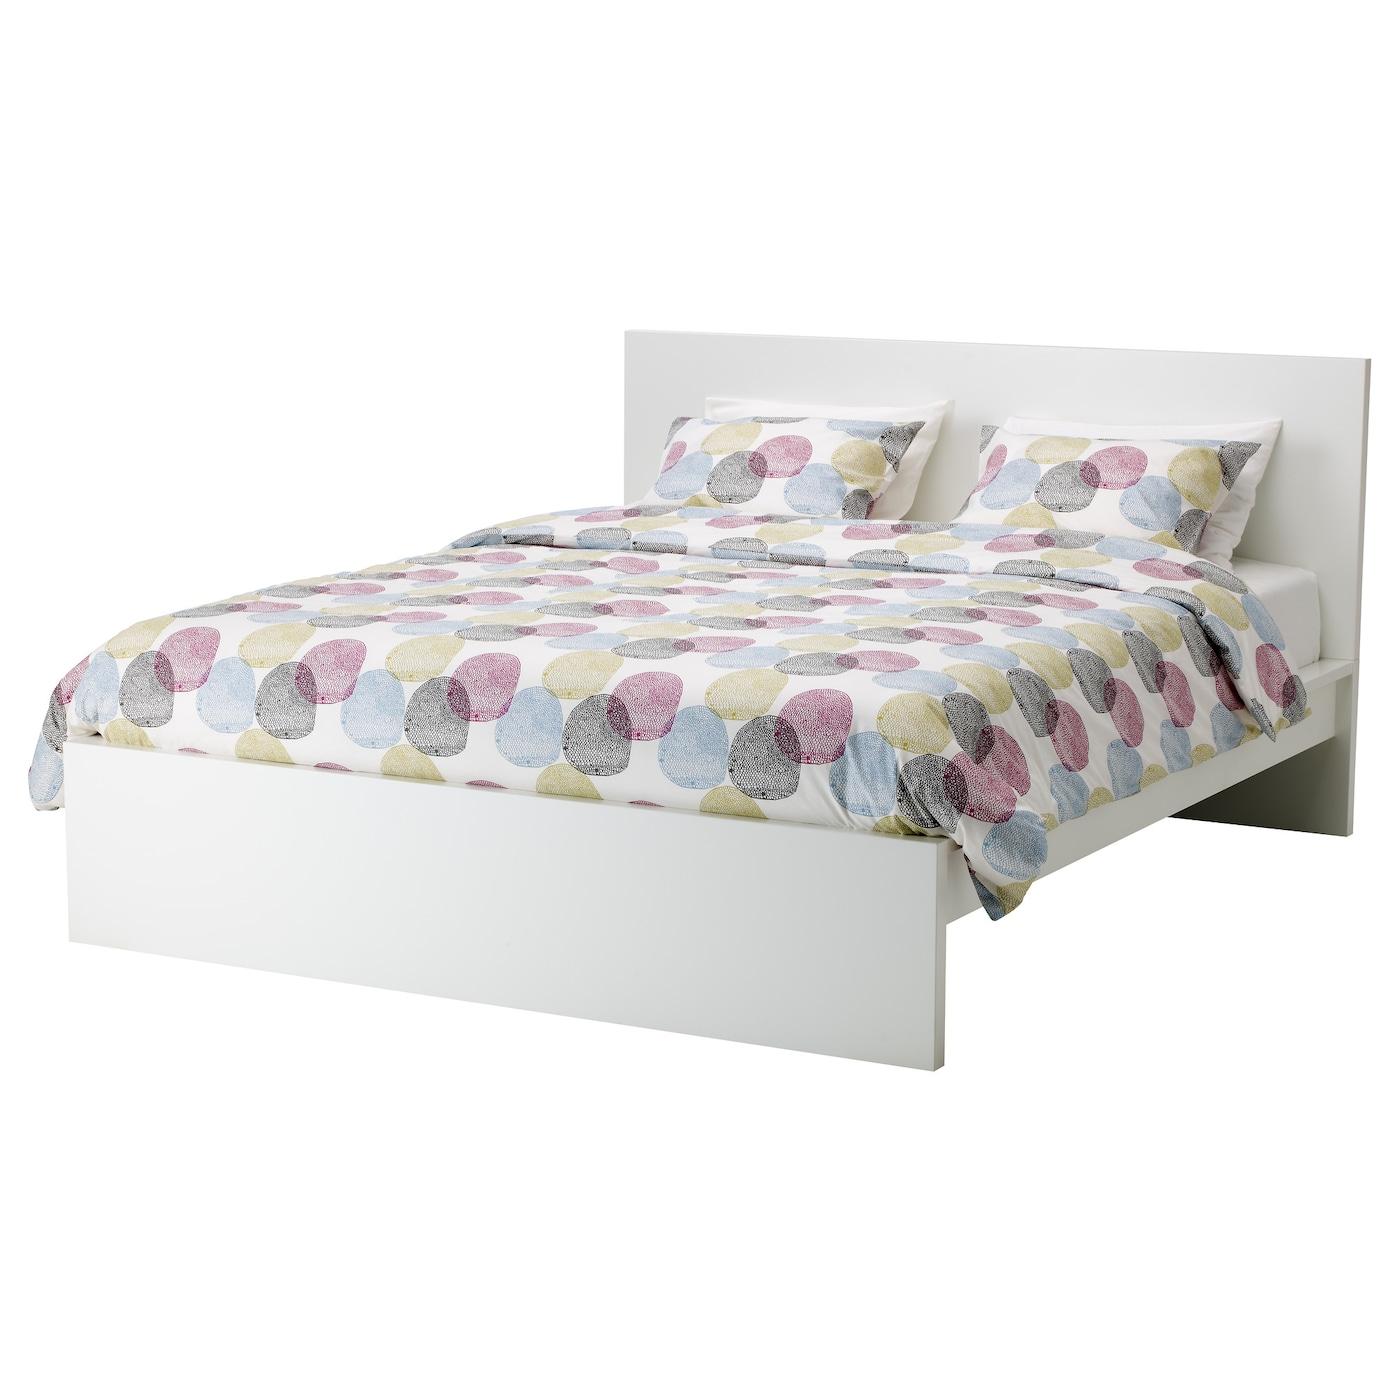 malm cadre de lit haut blanc l nset 180 x 200 cm ikea. Black Bedroom Furniture Sets. Home Design Ideas